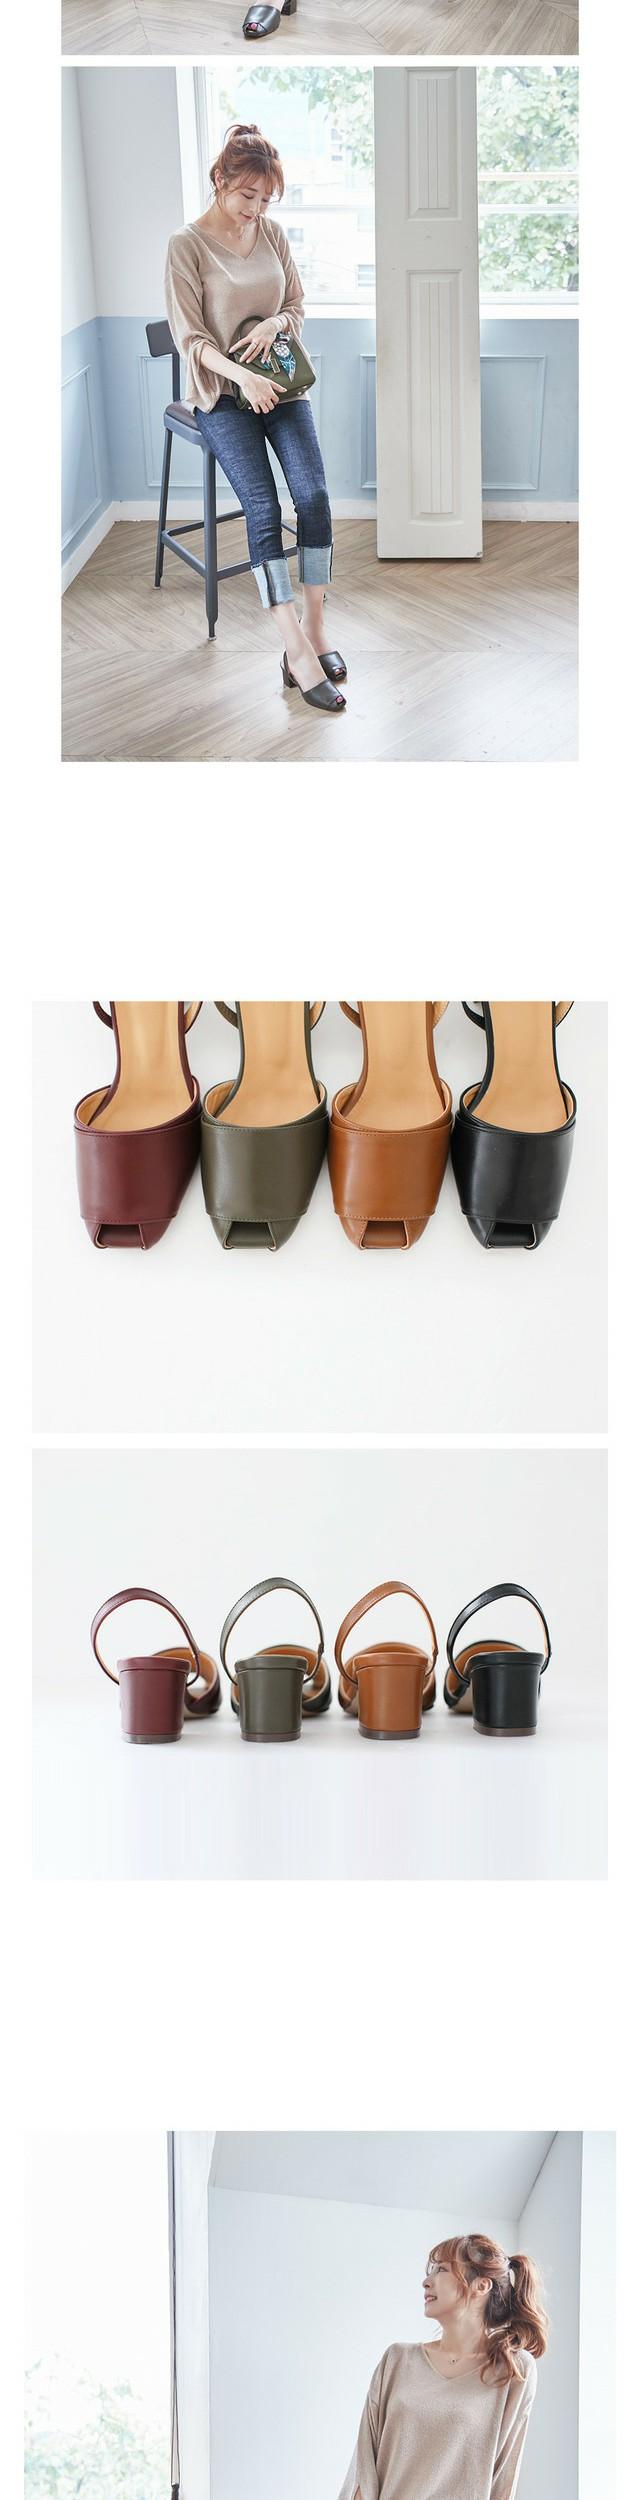 로스텔 토오픈 슬링백 미들힐 6cm